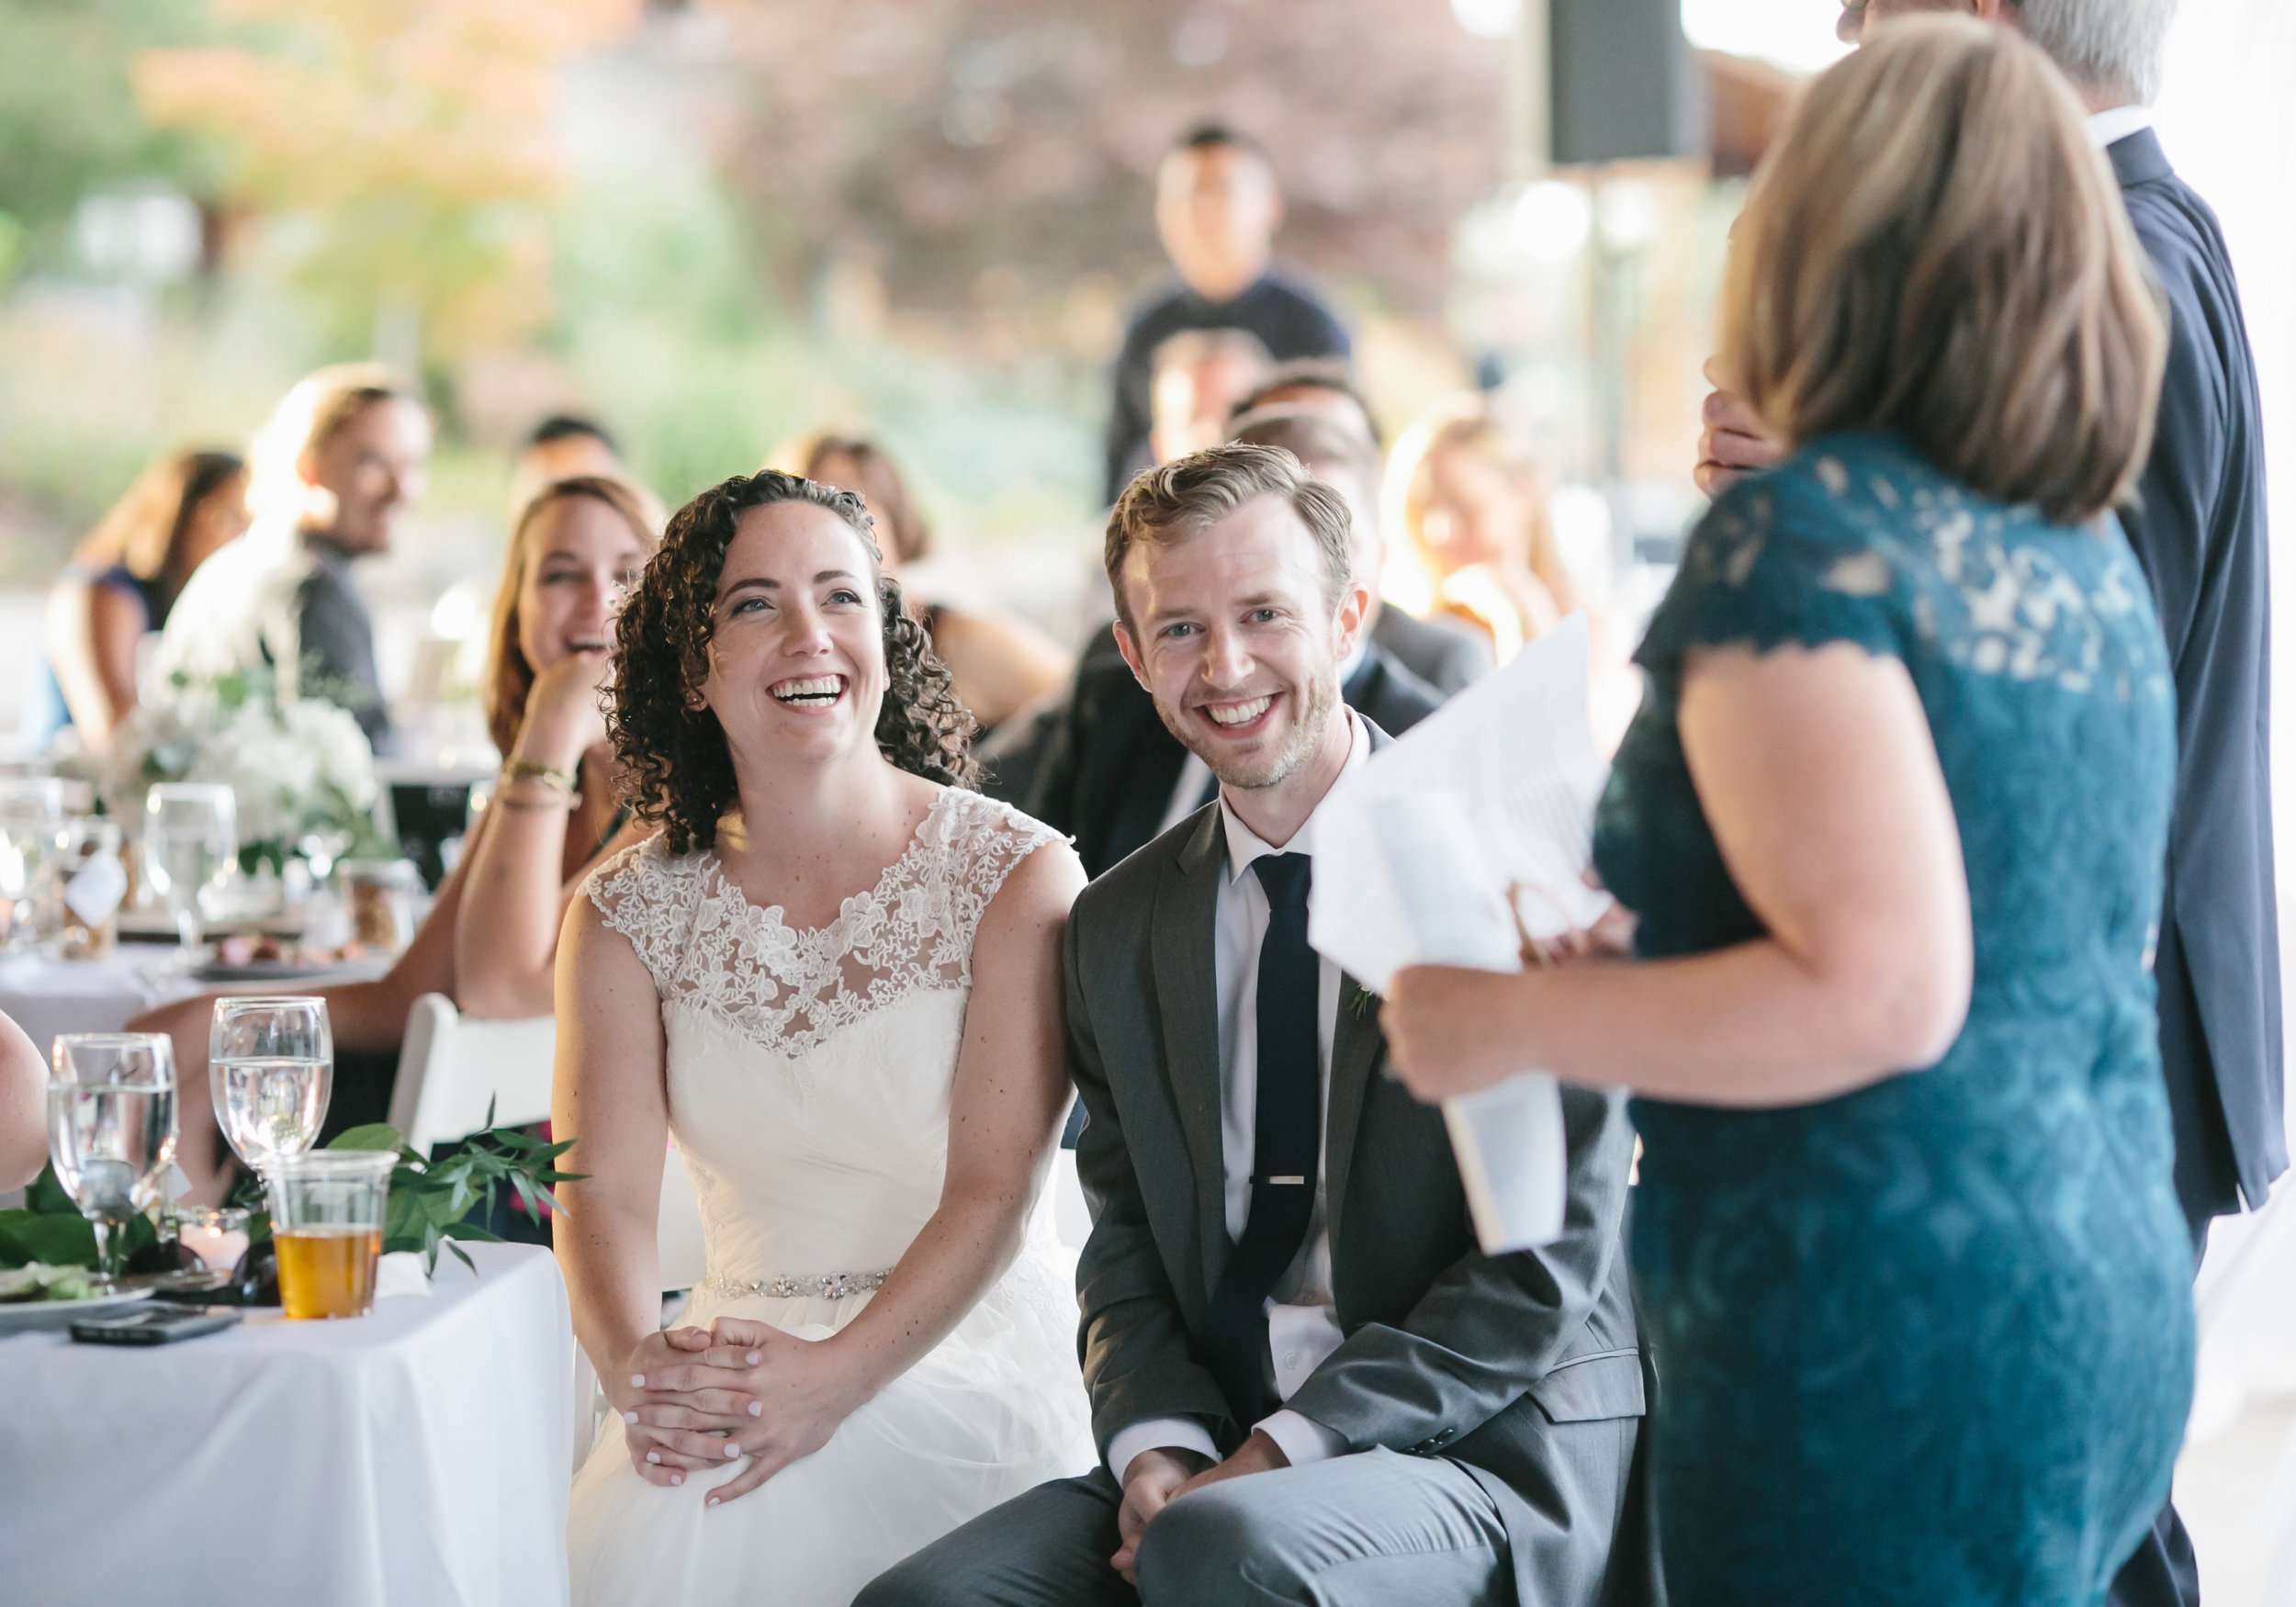 scholls-valley-lodge-wedding-photographer-ashley-courter0021.JPG